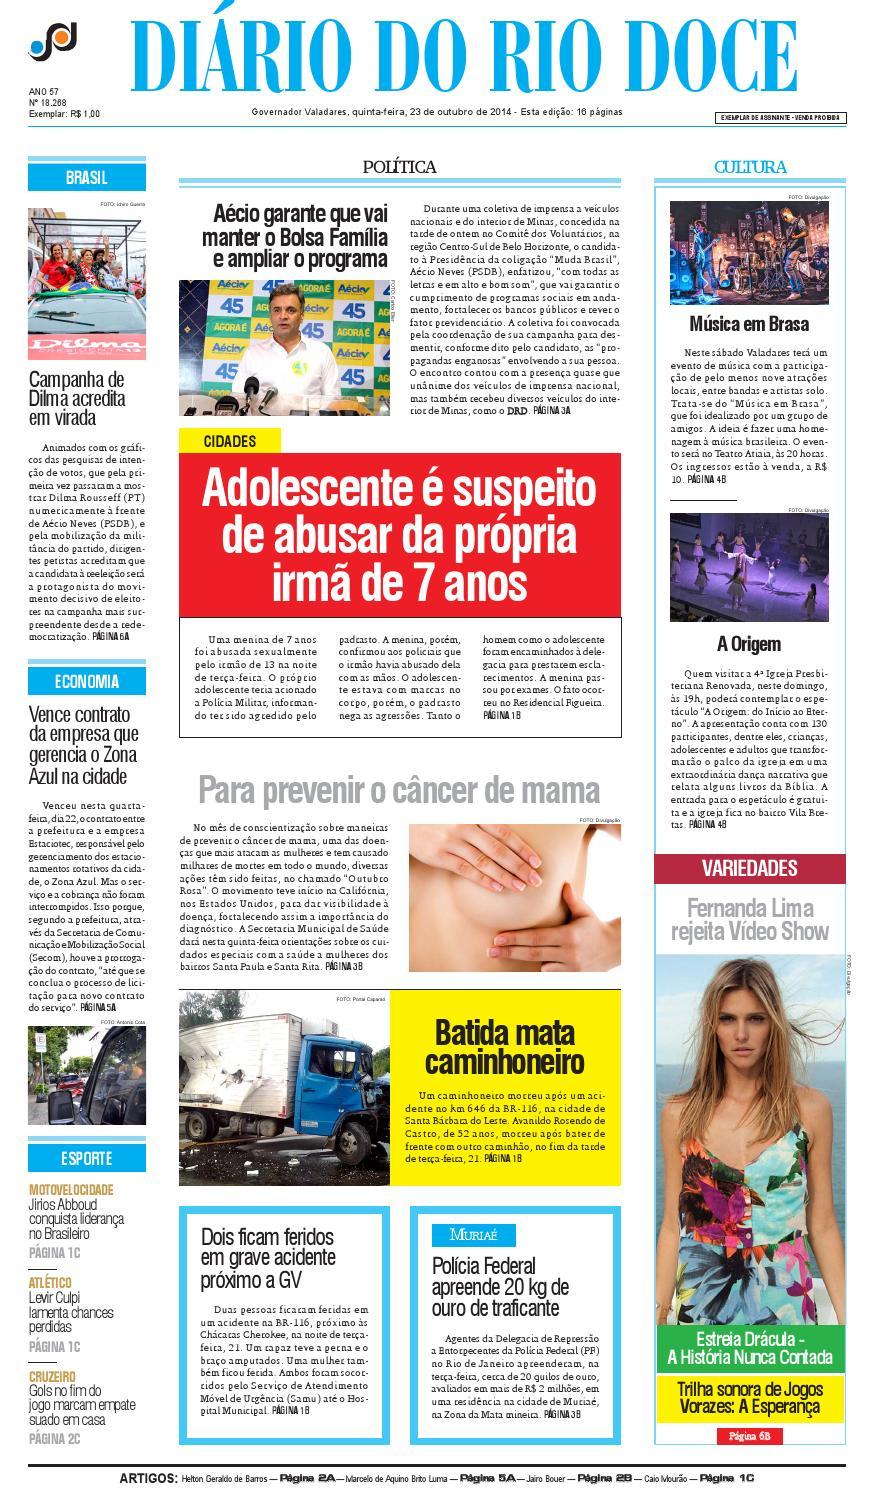 ab71b6bfd Diário do Rio Doce - Edição de 23/10/2014 by Diário do Rio Doce - issuu